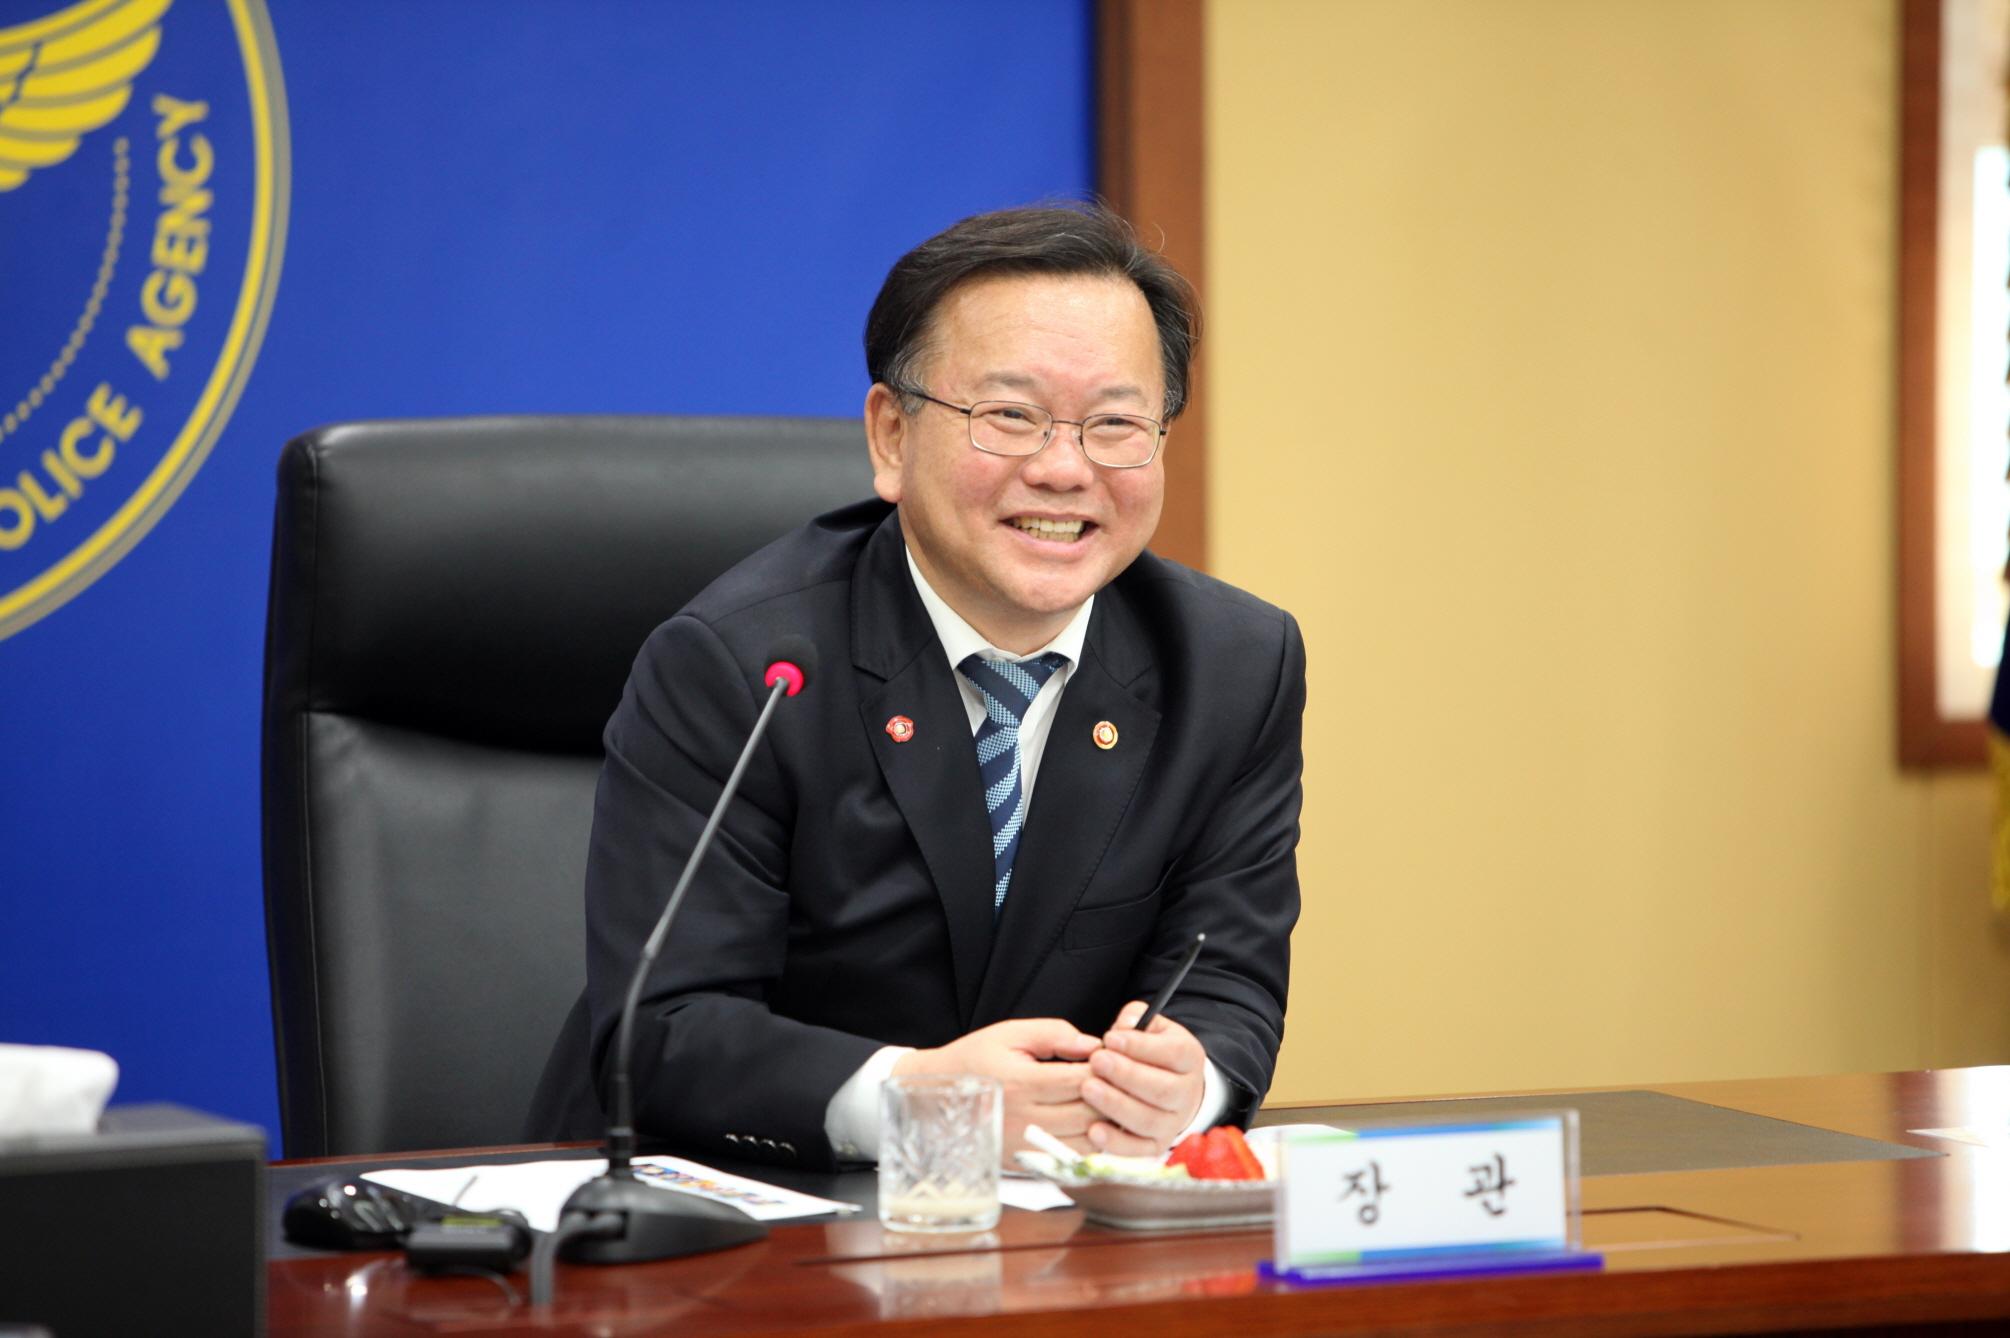 김부겸 행정안전부장관 충남경찰청 방문